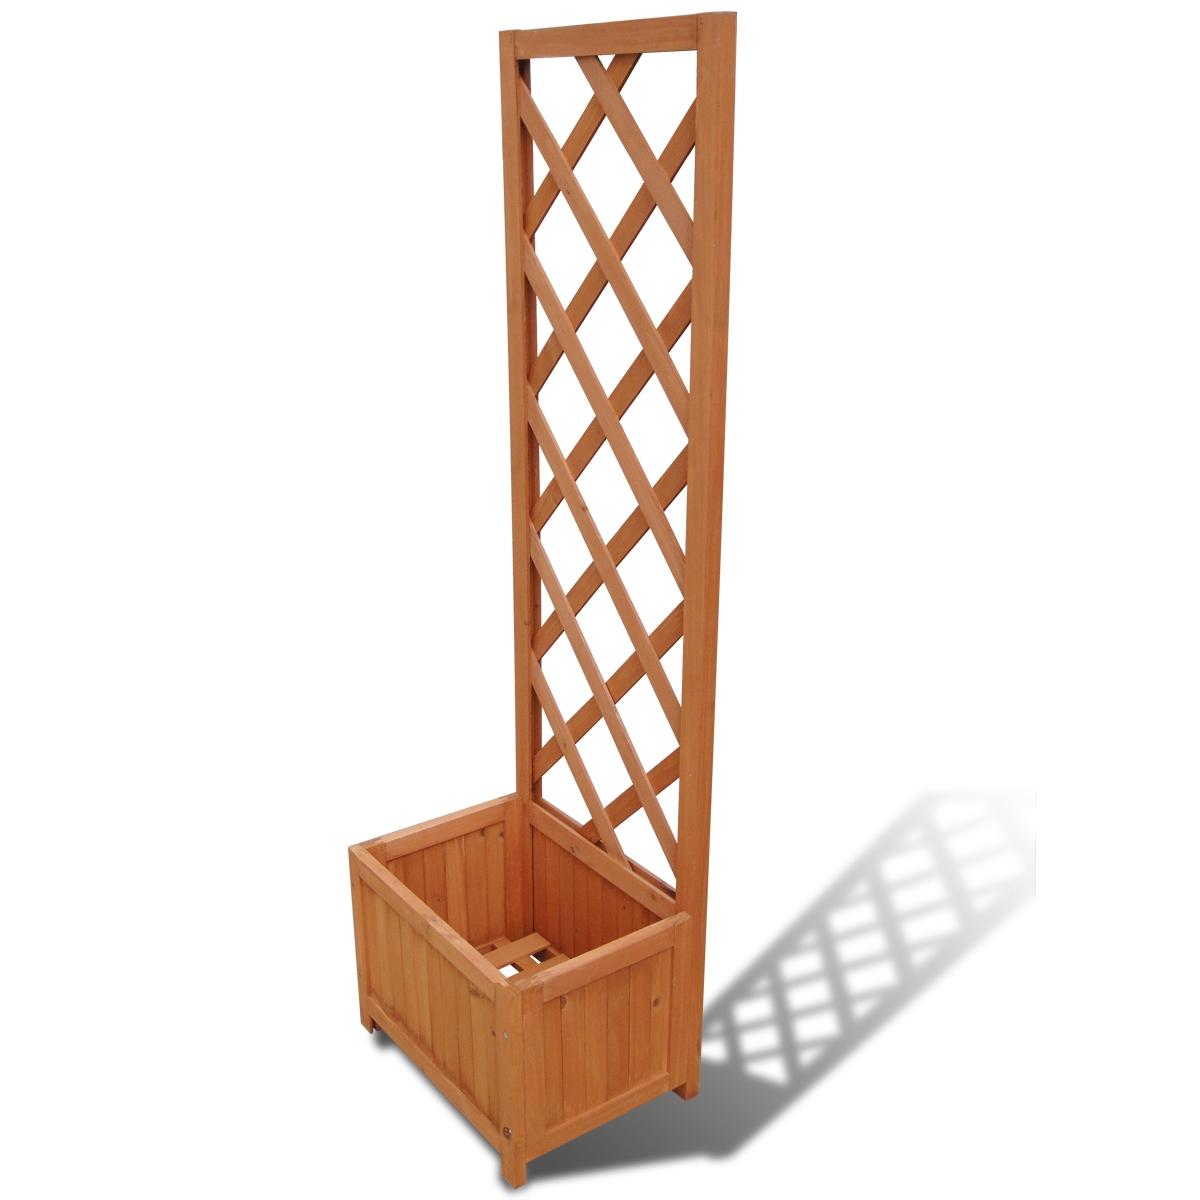 Jardinière avec treillis en bois Jardiniere Bac à fleurs avec